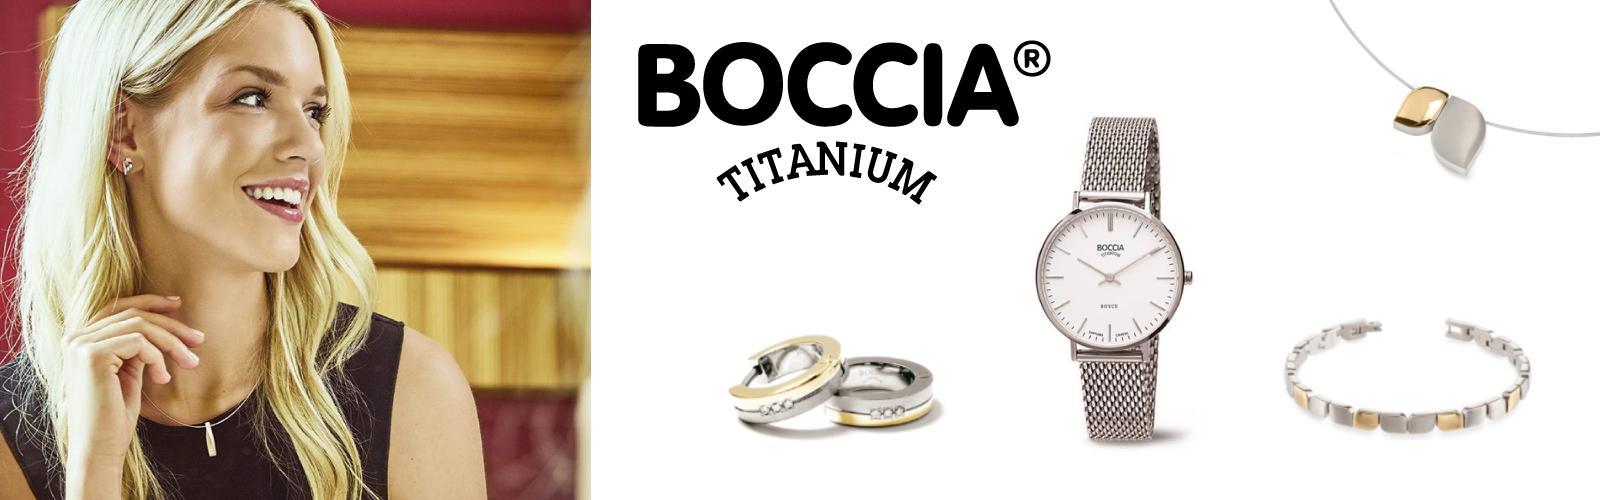 Boccia-titanium-sieraden-anti-allergeen-vindt-je-bij-Wolters-Juweliers-dichtbij Hoogeveen en Hardenberg